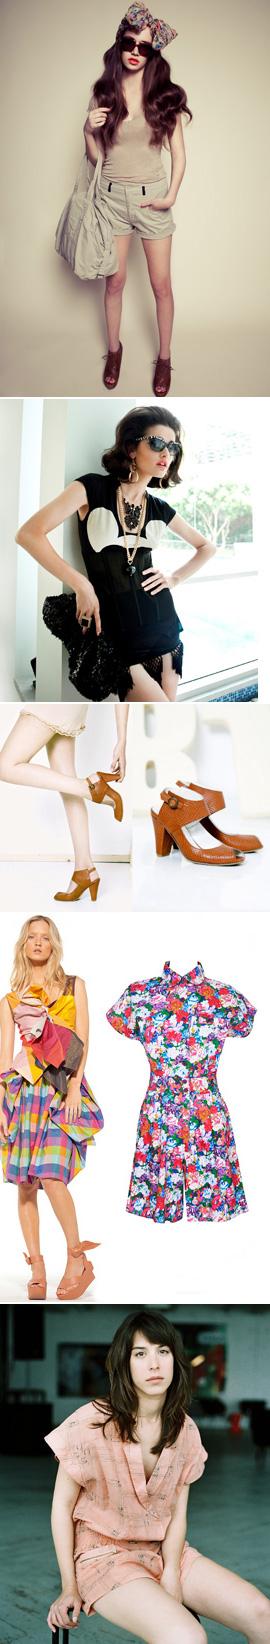 סוגרים את הקיץ - מבצעי אופנה יולי 2010